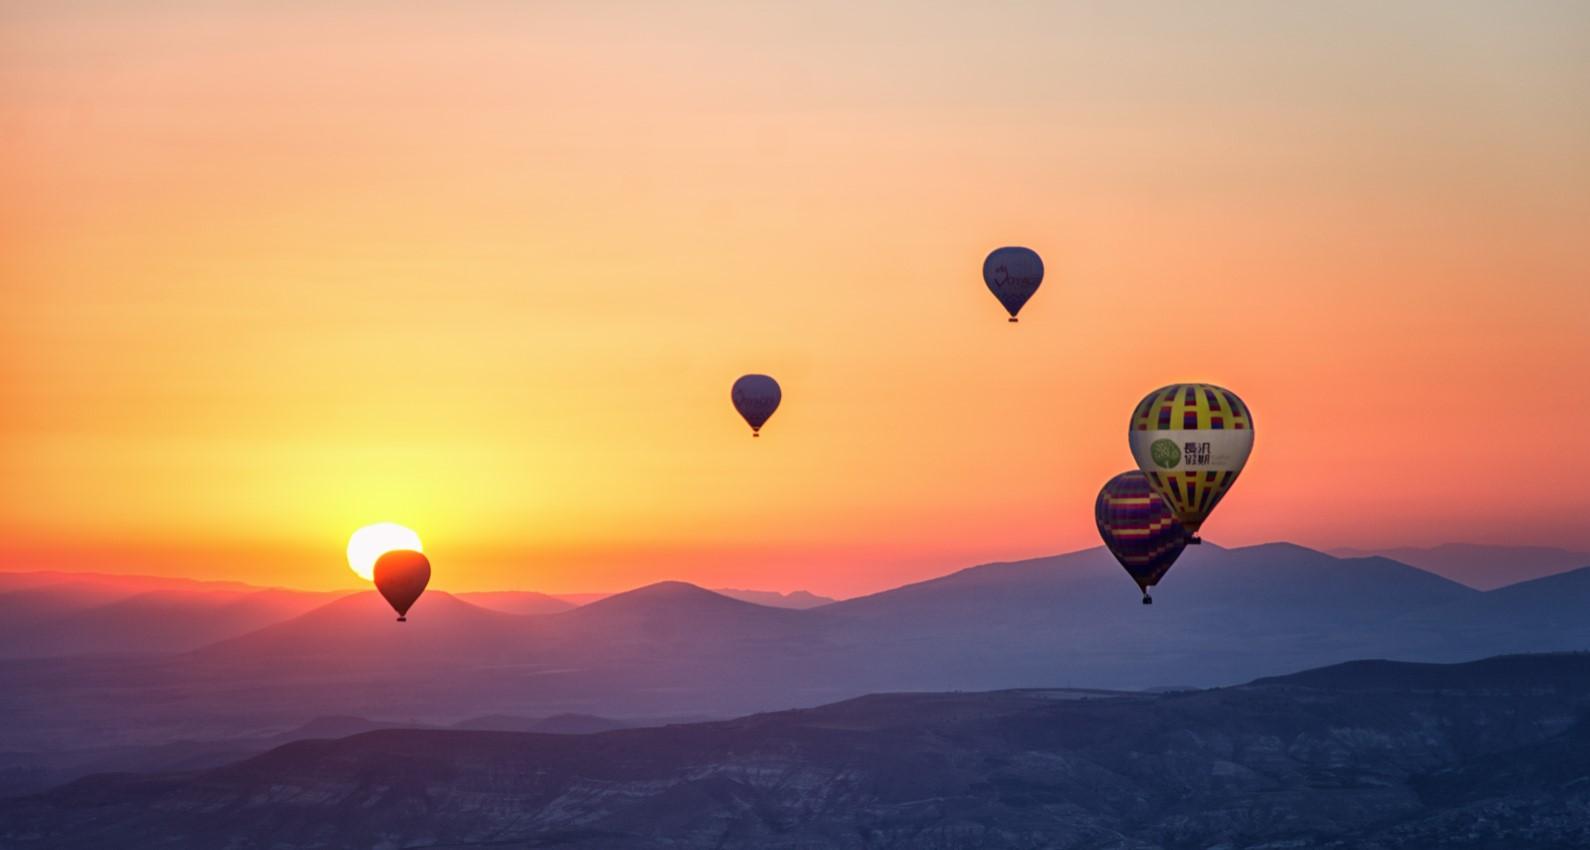 Maintain cloud migration momentum